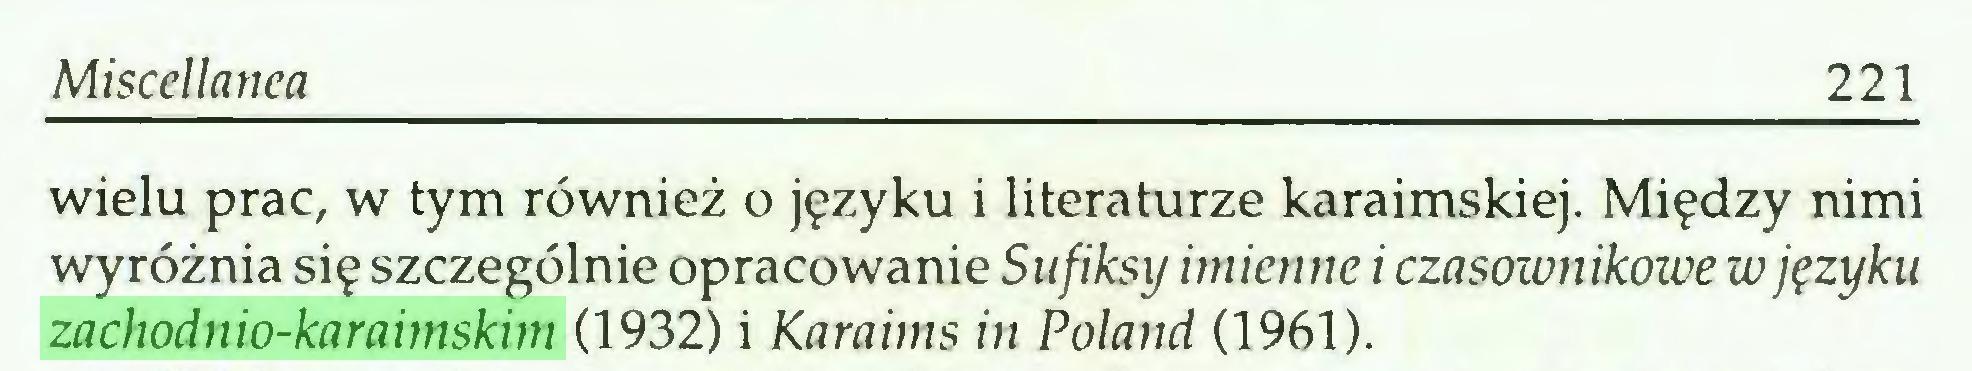 (...) Miscellanea 221 wielu prac, w tym również o języku i literaturze karaimskiej. Między nimi wyróżnia się szczególnie opracowanie Sufiksy imienne i czasownikowe w języku zachodnio-karaimskim (1932) i Karaims in Poland (1961)...